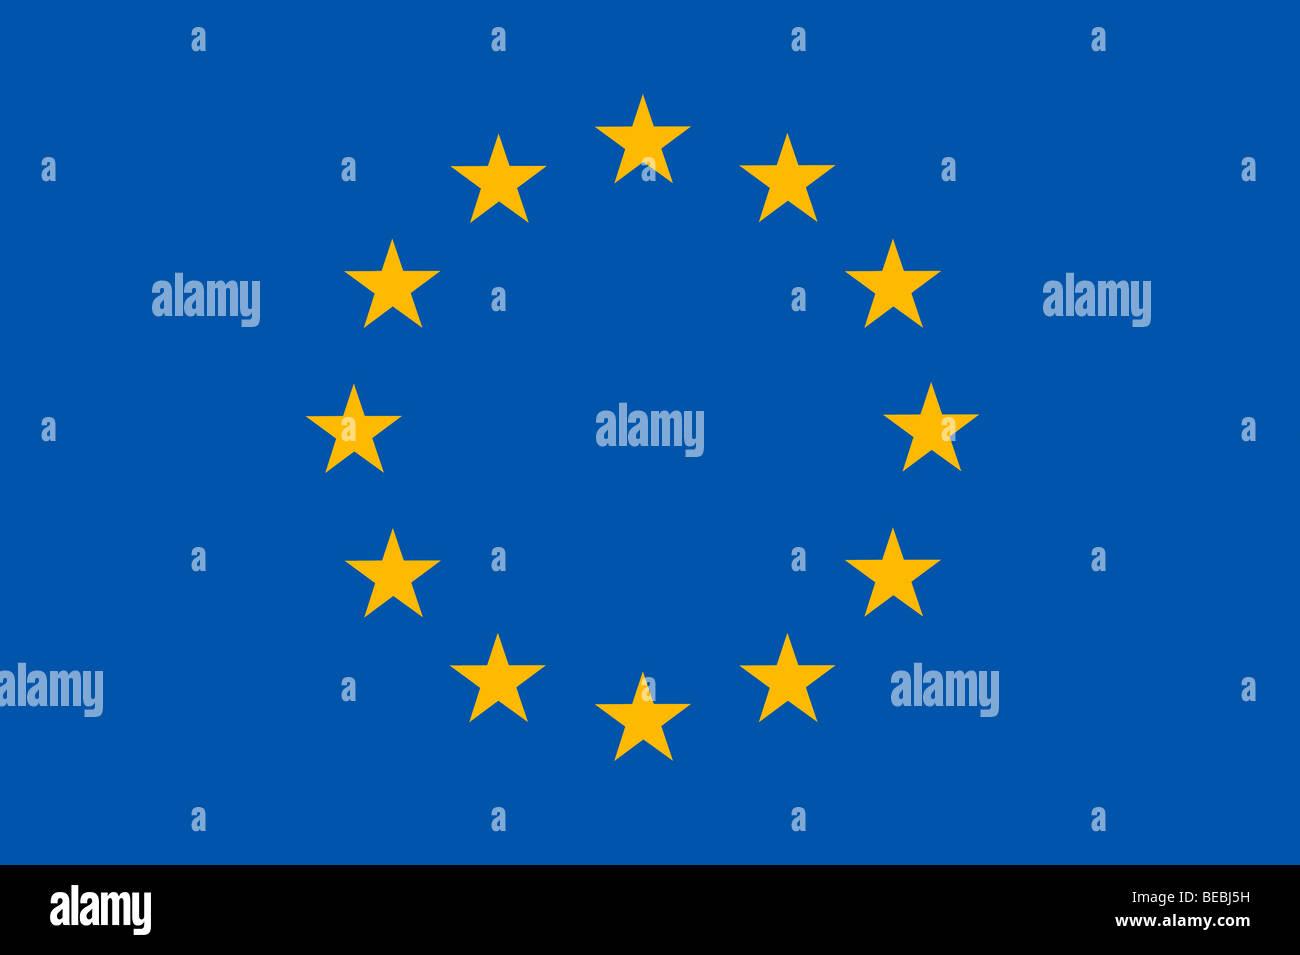 Europäischen Union Flag Abbildung Stockbild